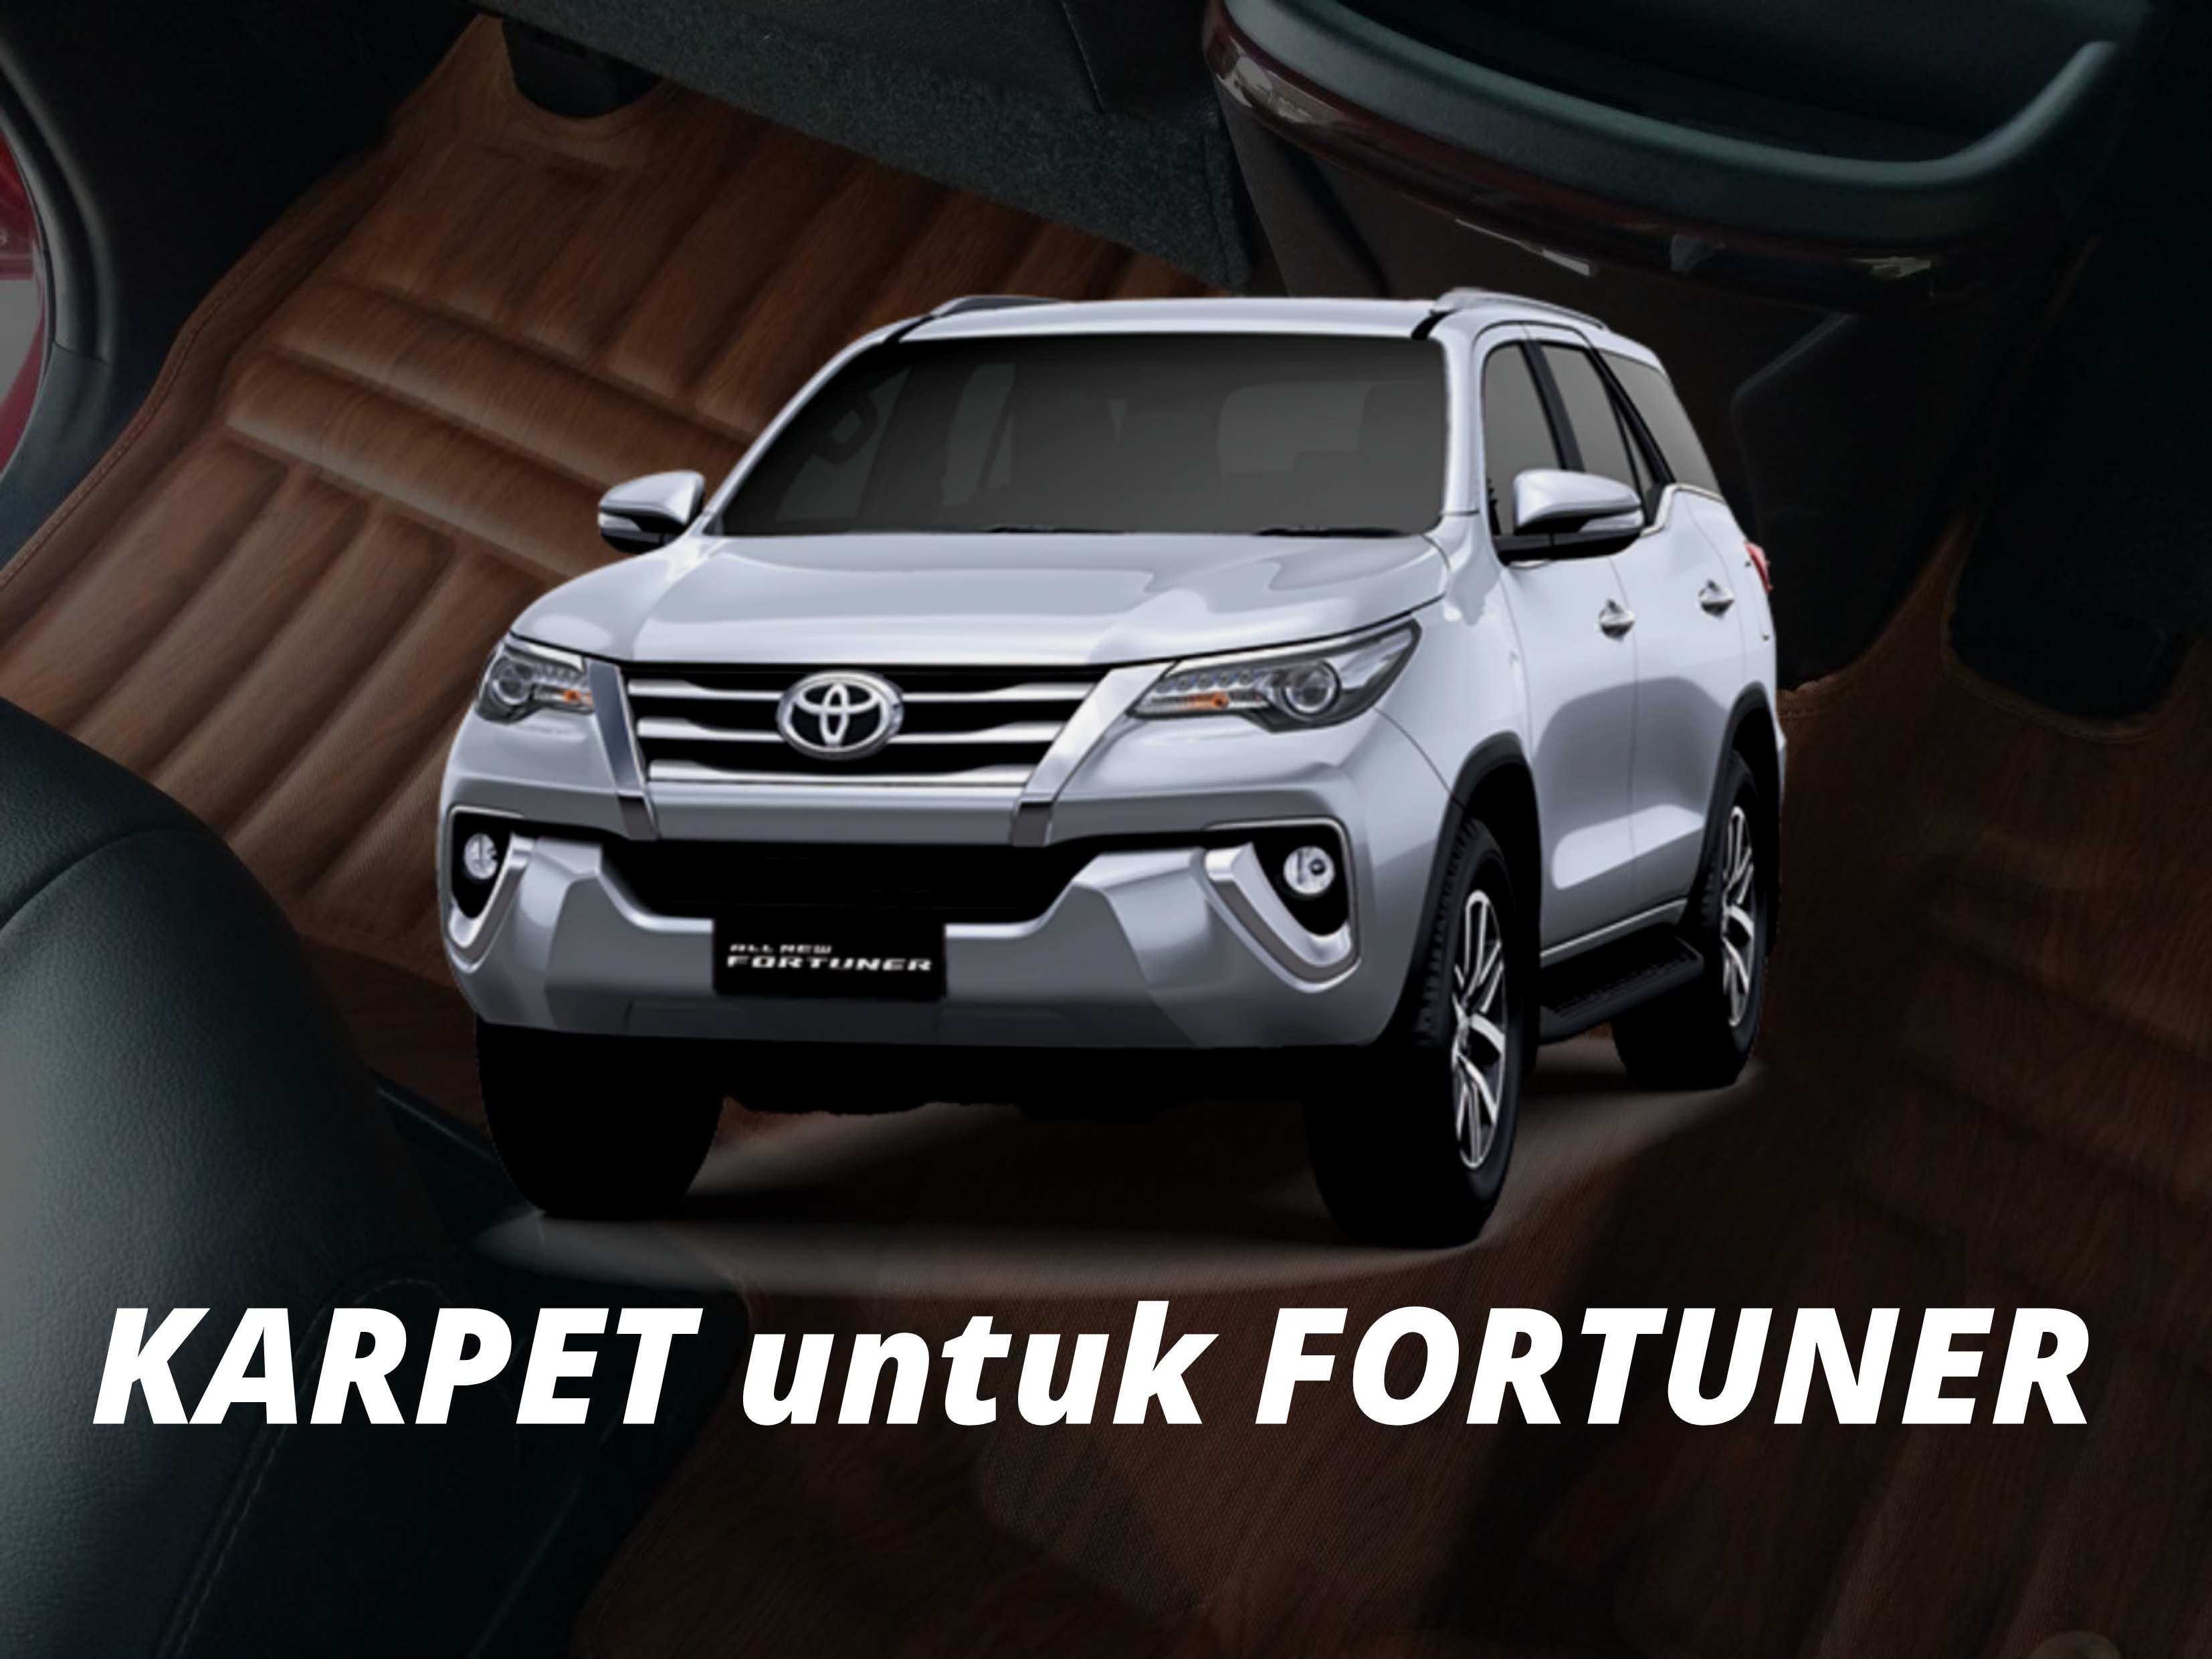 Karpet Frontier untuk Toyota Fortuner